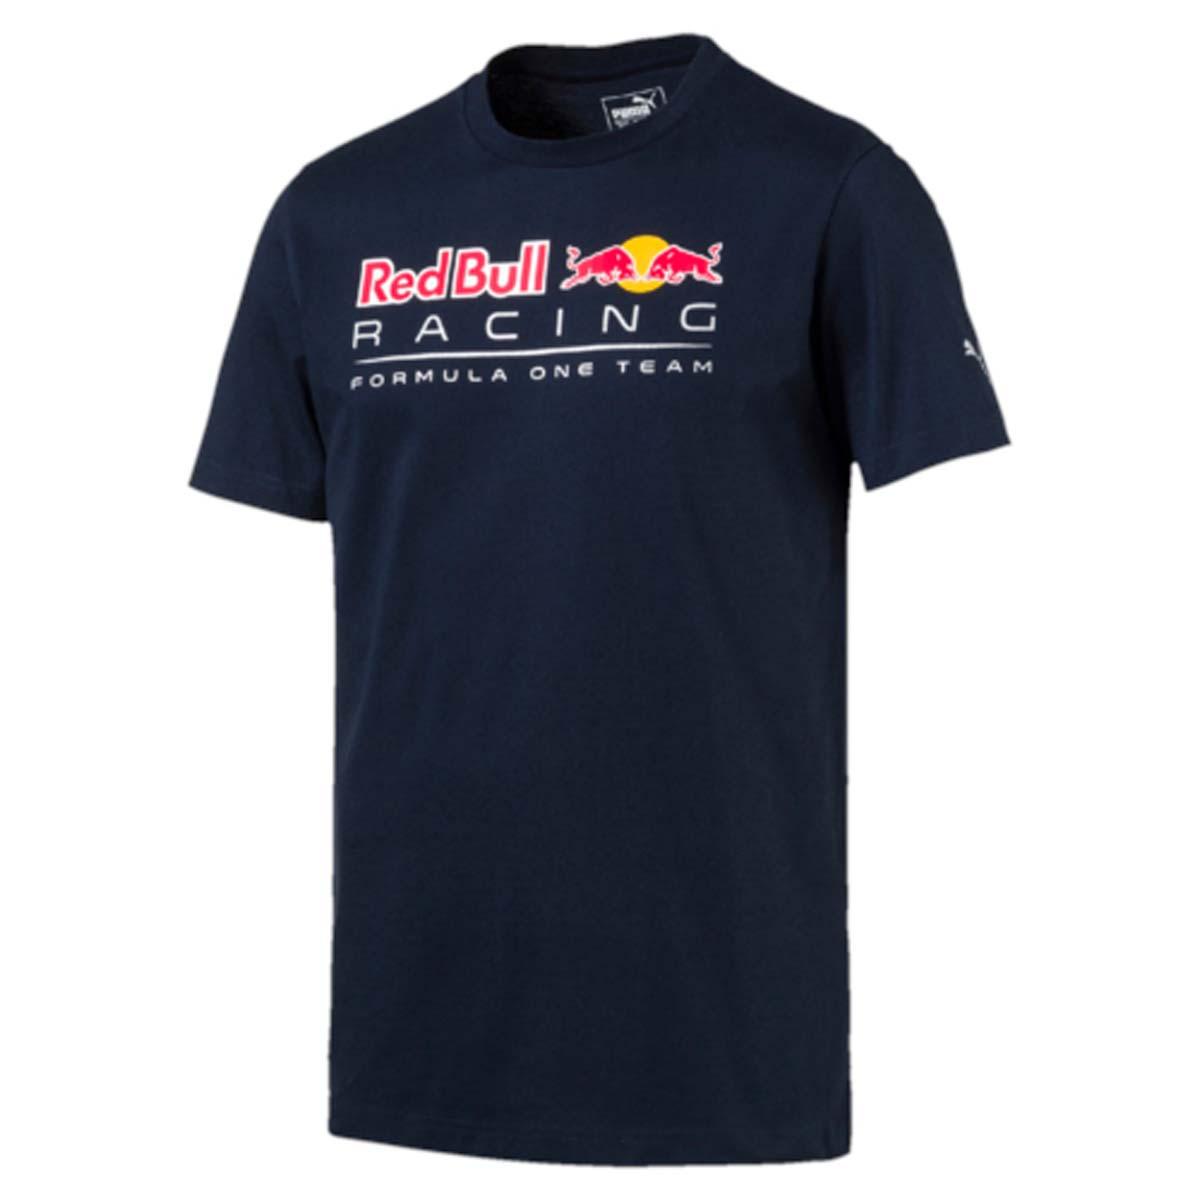 Футболка572747_01Футболка мужская RBR Logo Tee выполнена из чистого хлопка и отличается хорошей воздухопроницаемостью. Изделие имеет классический крой, круглый вырез горловины и короткие рукава. Спереди модель украшена логотипом Red Bull Racing, на левом рукаве имеется логотип PUMA. Такая футболка незаменима для любителей автоспорта.